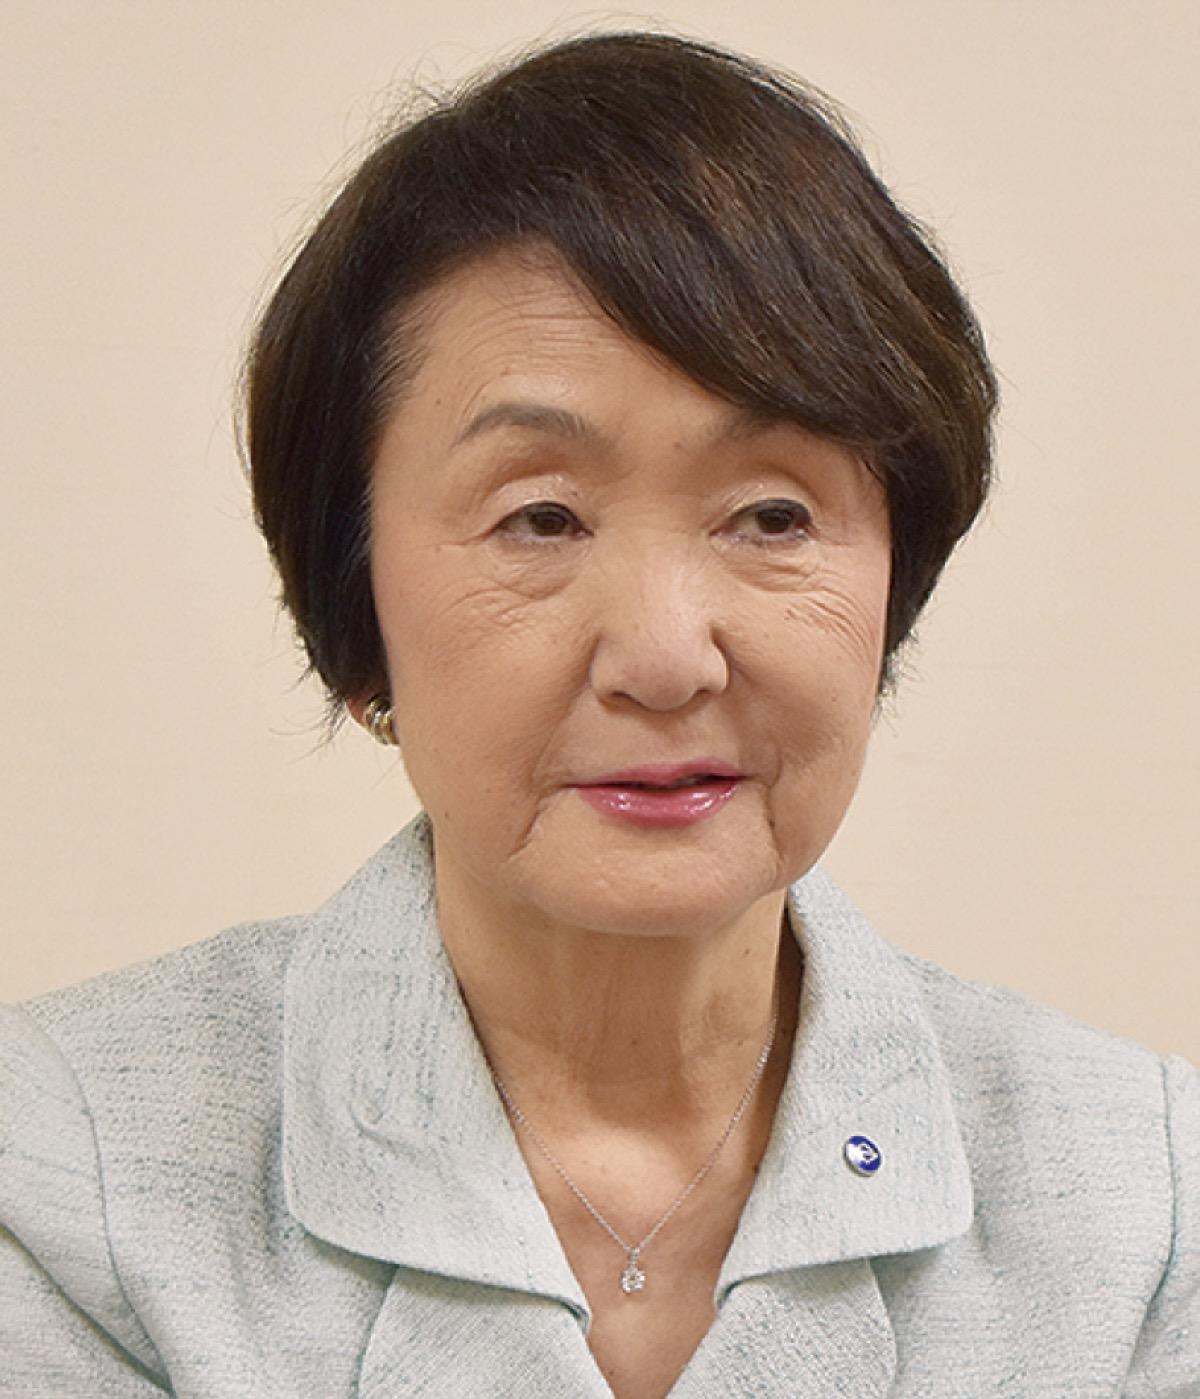 横浜IRの実施方針 8月の公表「厳しい」 林市長、記者会見で | 中区 ...